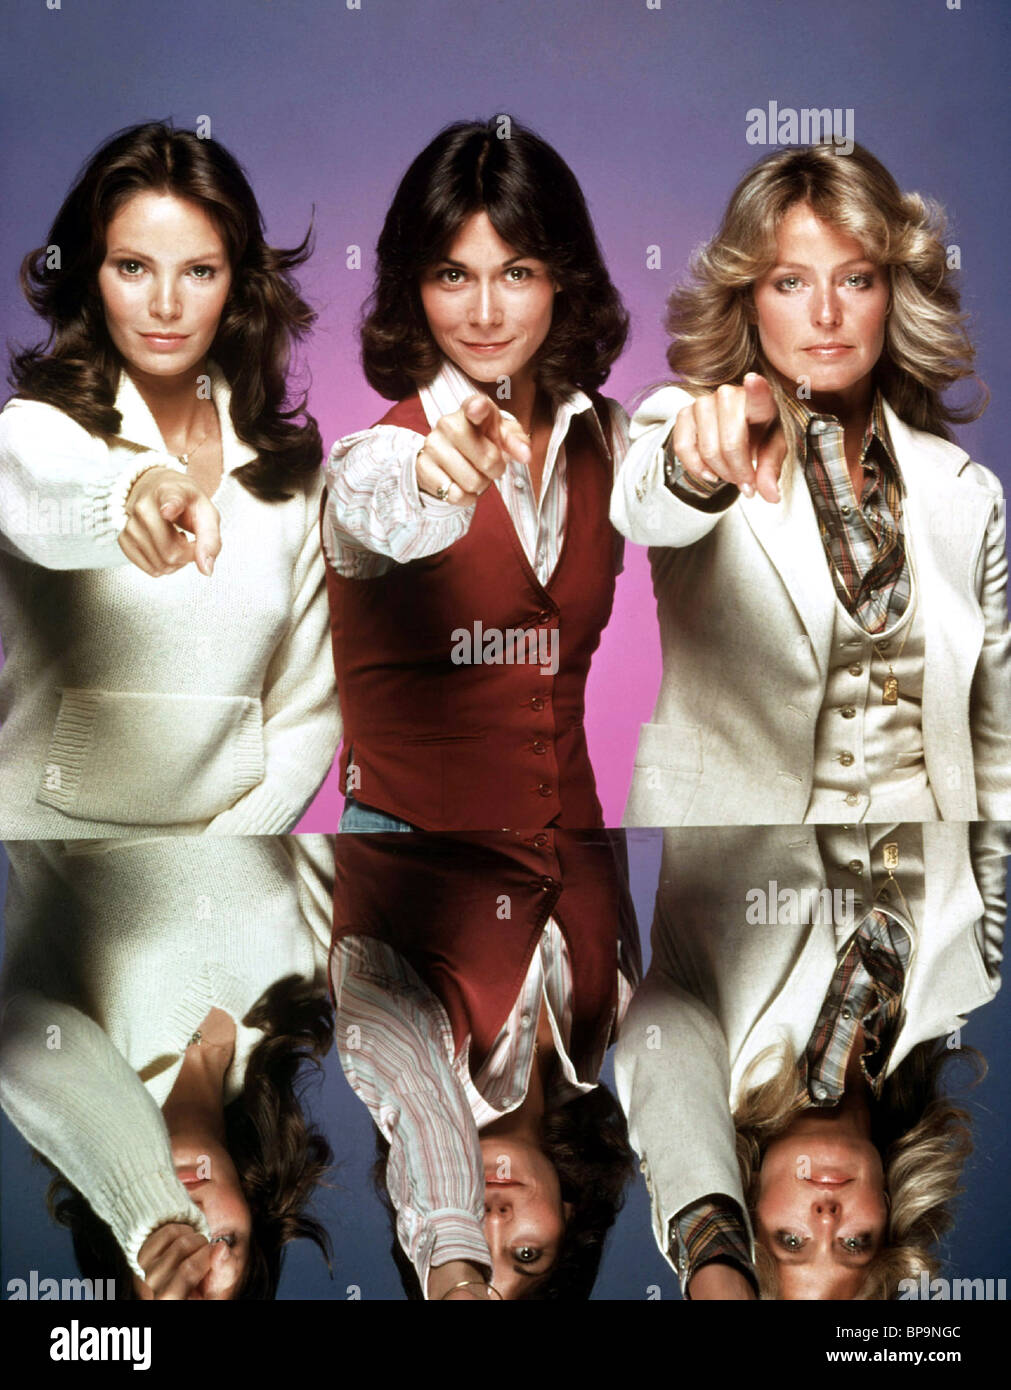 JACLYN SMITH, KATE JACKSON, FARRAH FAWCETT, CHARLIE'S ANGELS, 1976 Stock Photo